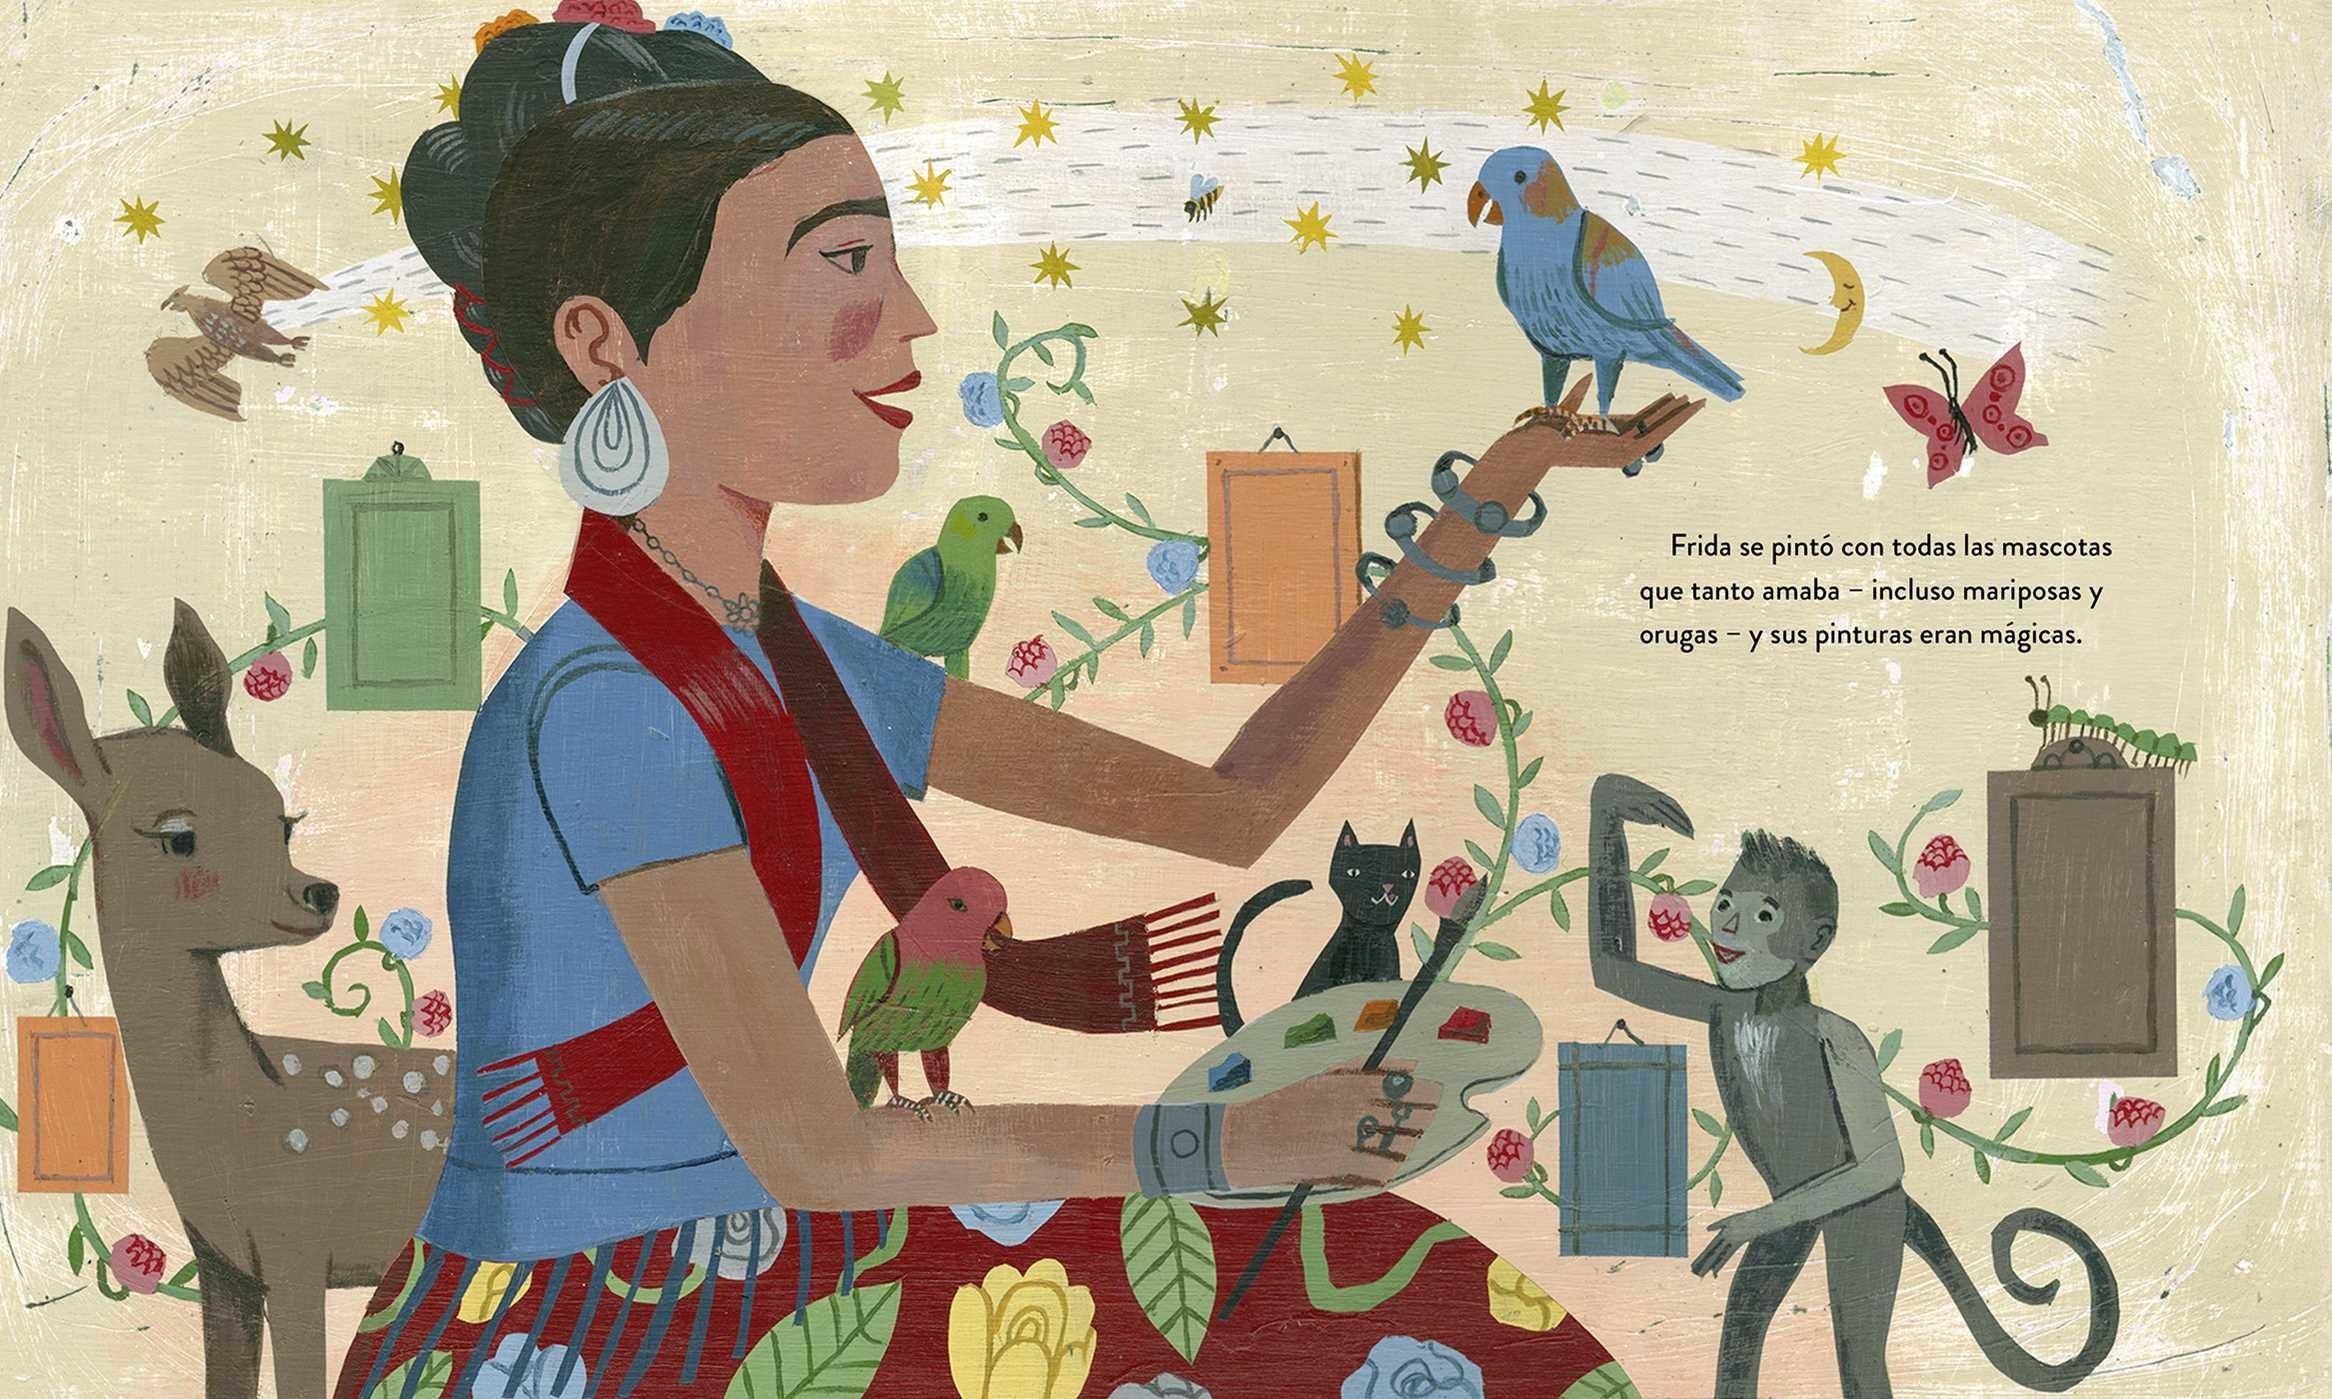 Frida kahlo y sus animalitos 9780735842922.in03